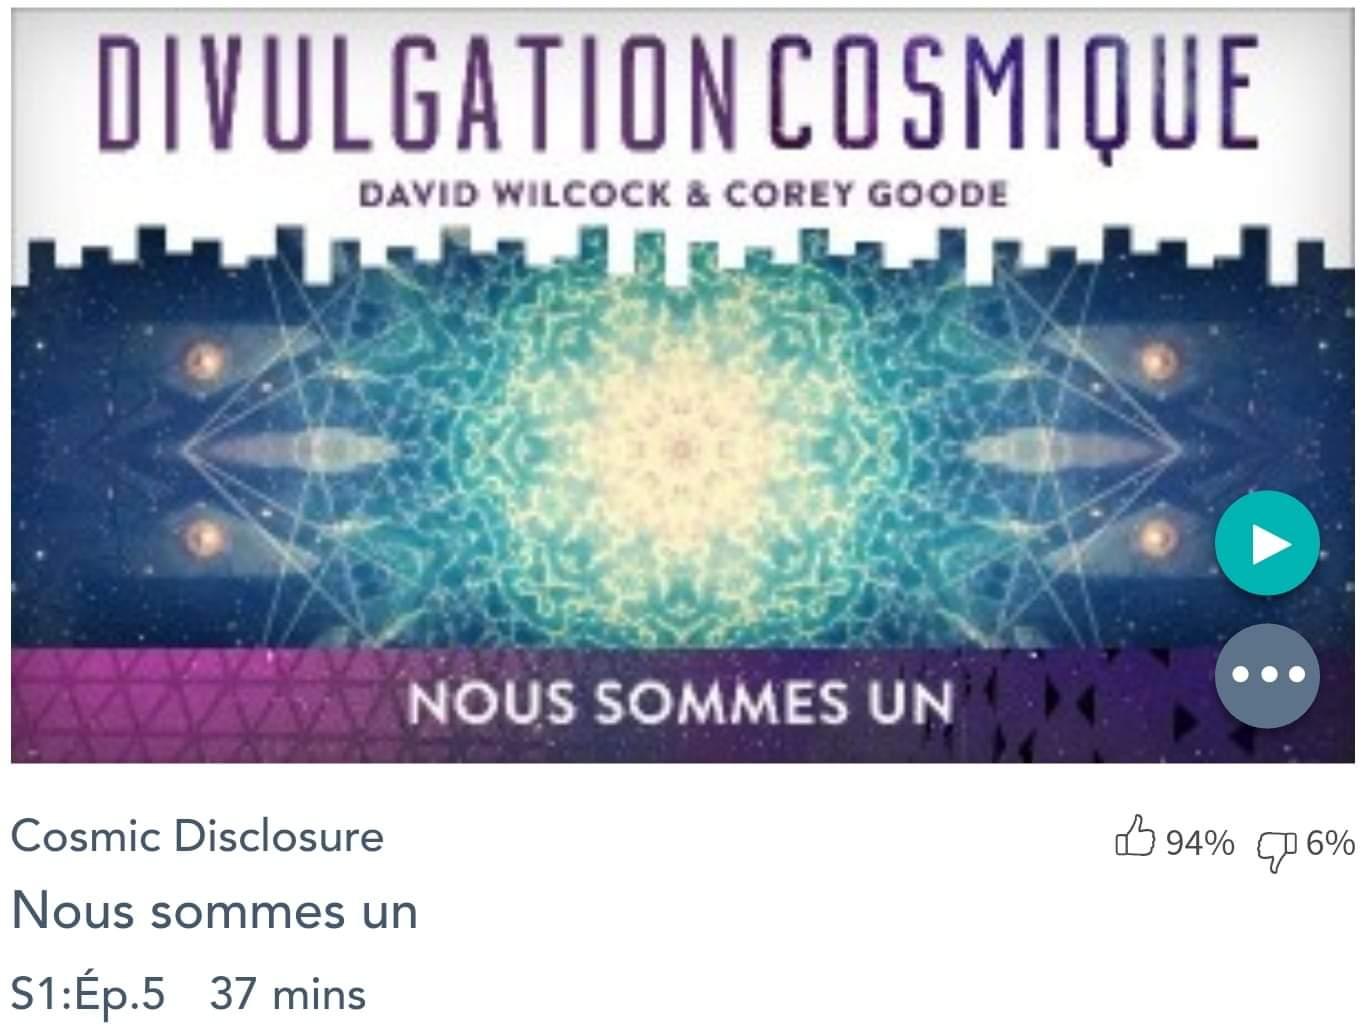 Émission « DIVULGATION COSMIQUE», l'intégrale. Saison 1, épisode 5/14 (Août 2015) : NOUS SOMMES UN